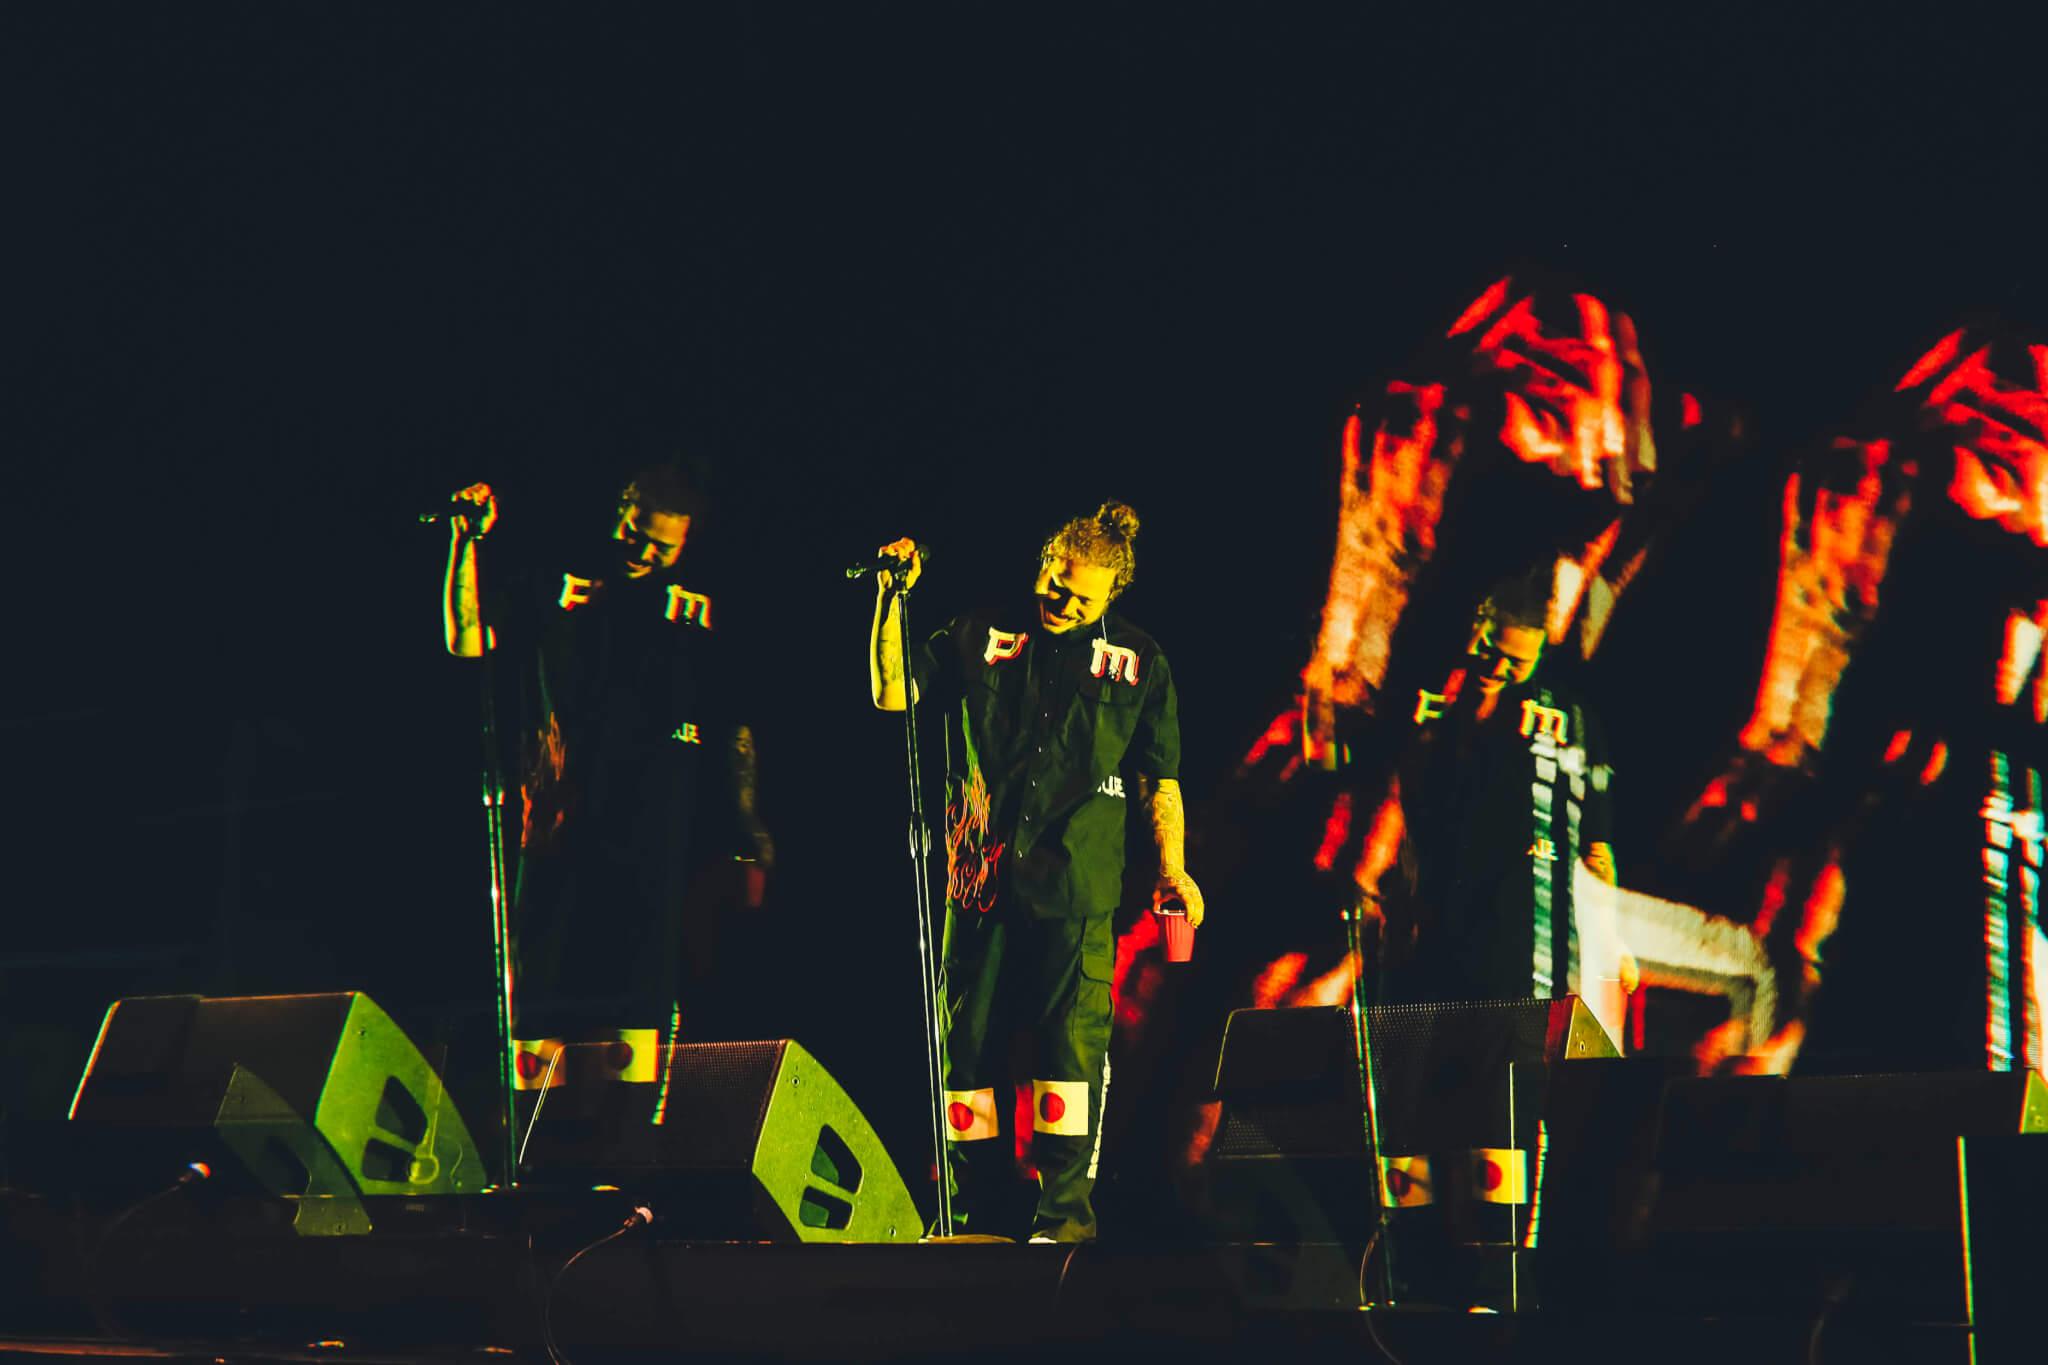 振り返るフジロック2018 Post Malone music1809-fujirock-report-postmalone-7